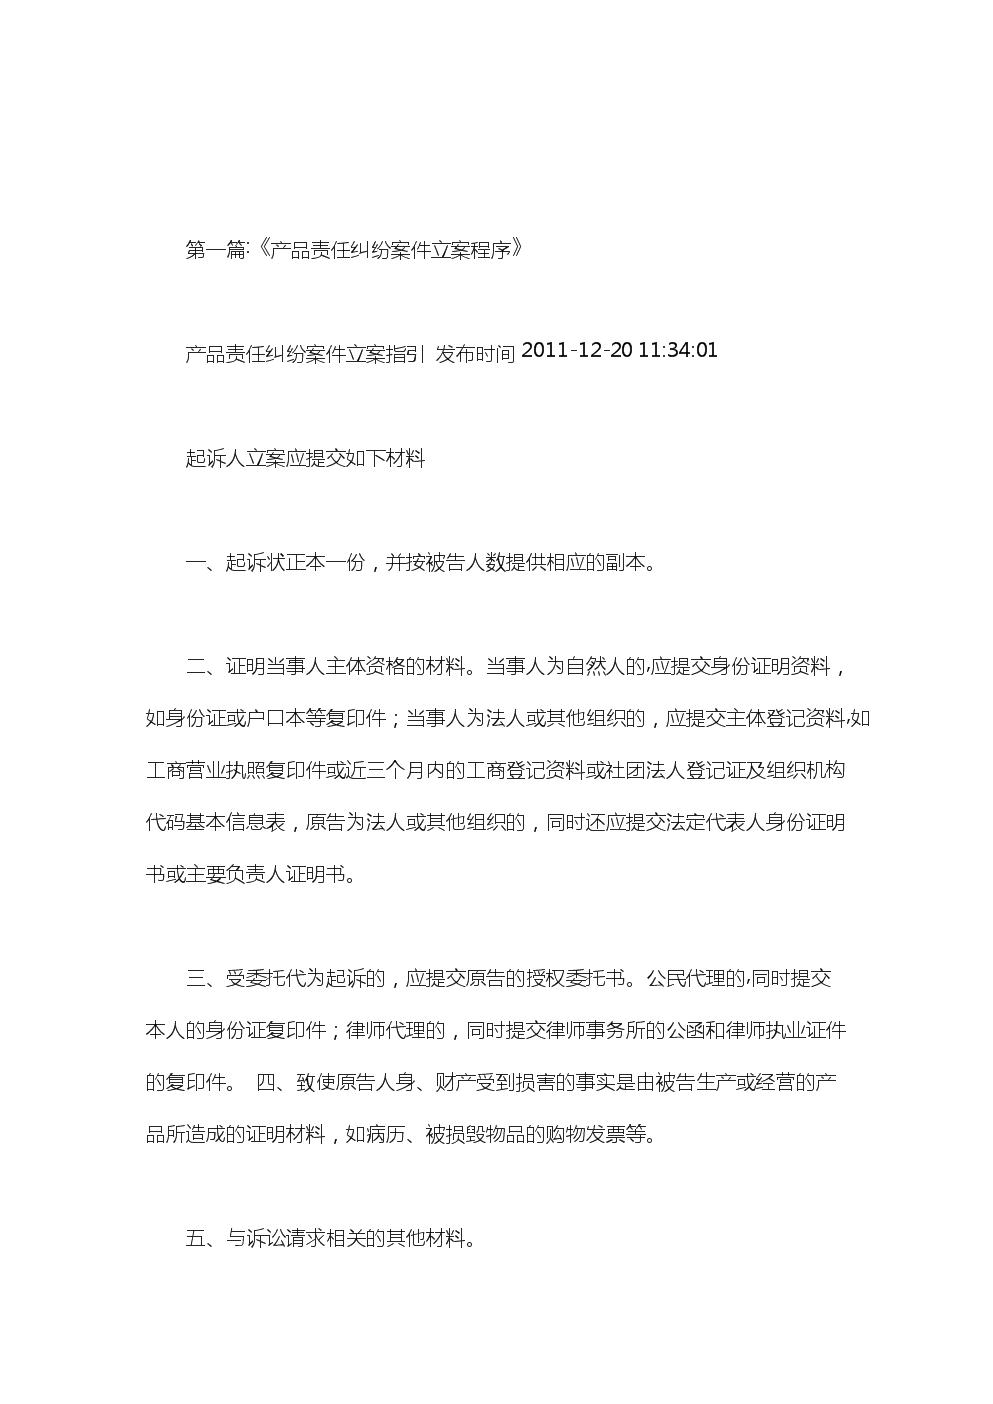 產品責任糾紛起訴狀范本范文.doc